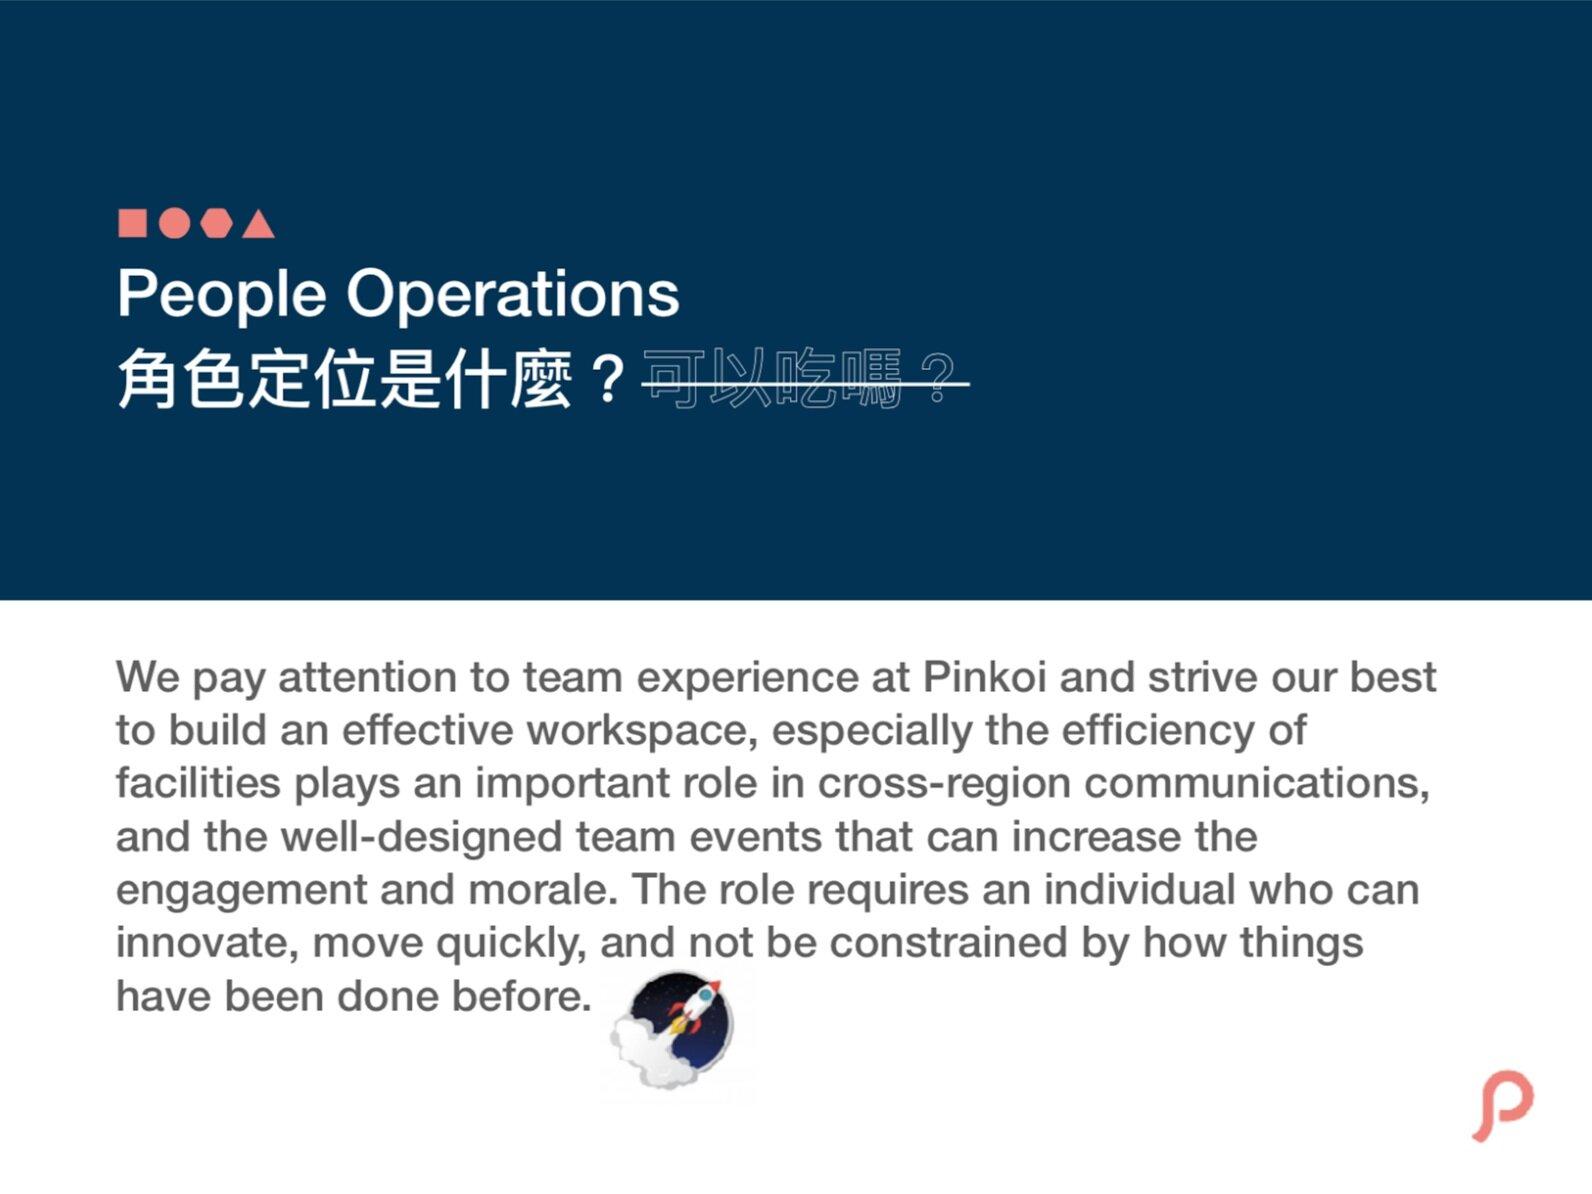 打造優良徵才品牌形象,Pinkoi People Operations 心法大公開! — Recruiting Blog 人才招募誌   Yourator 新創徵才平臺